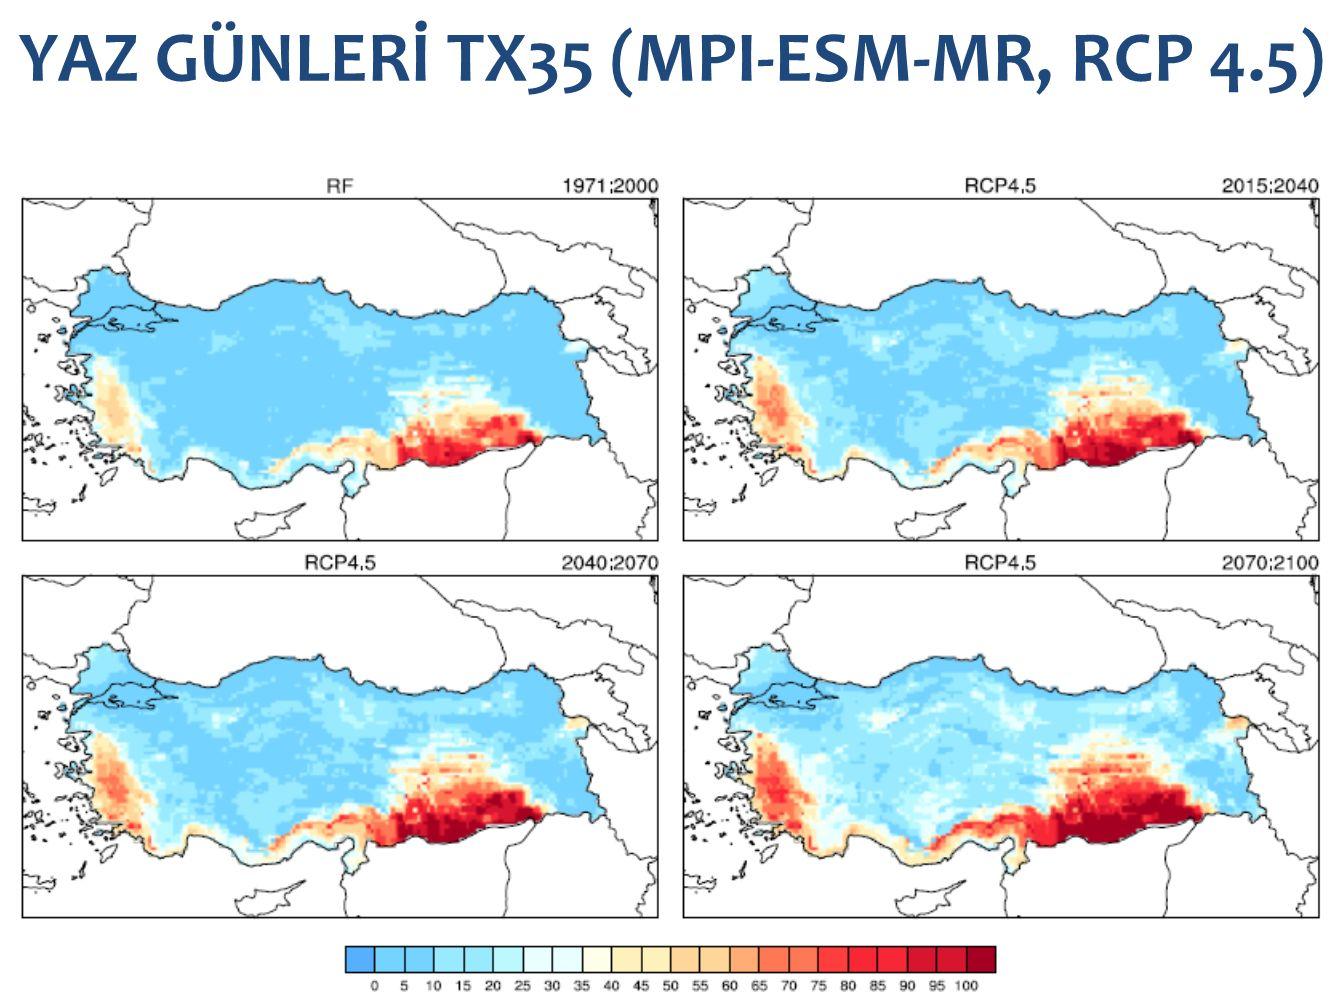 YAZ GÜNLERİ TX35 (MPI-ESM-MR, RCP 4.5)